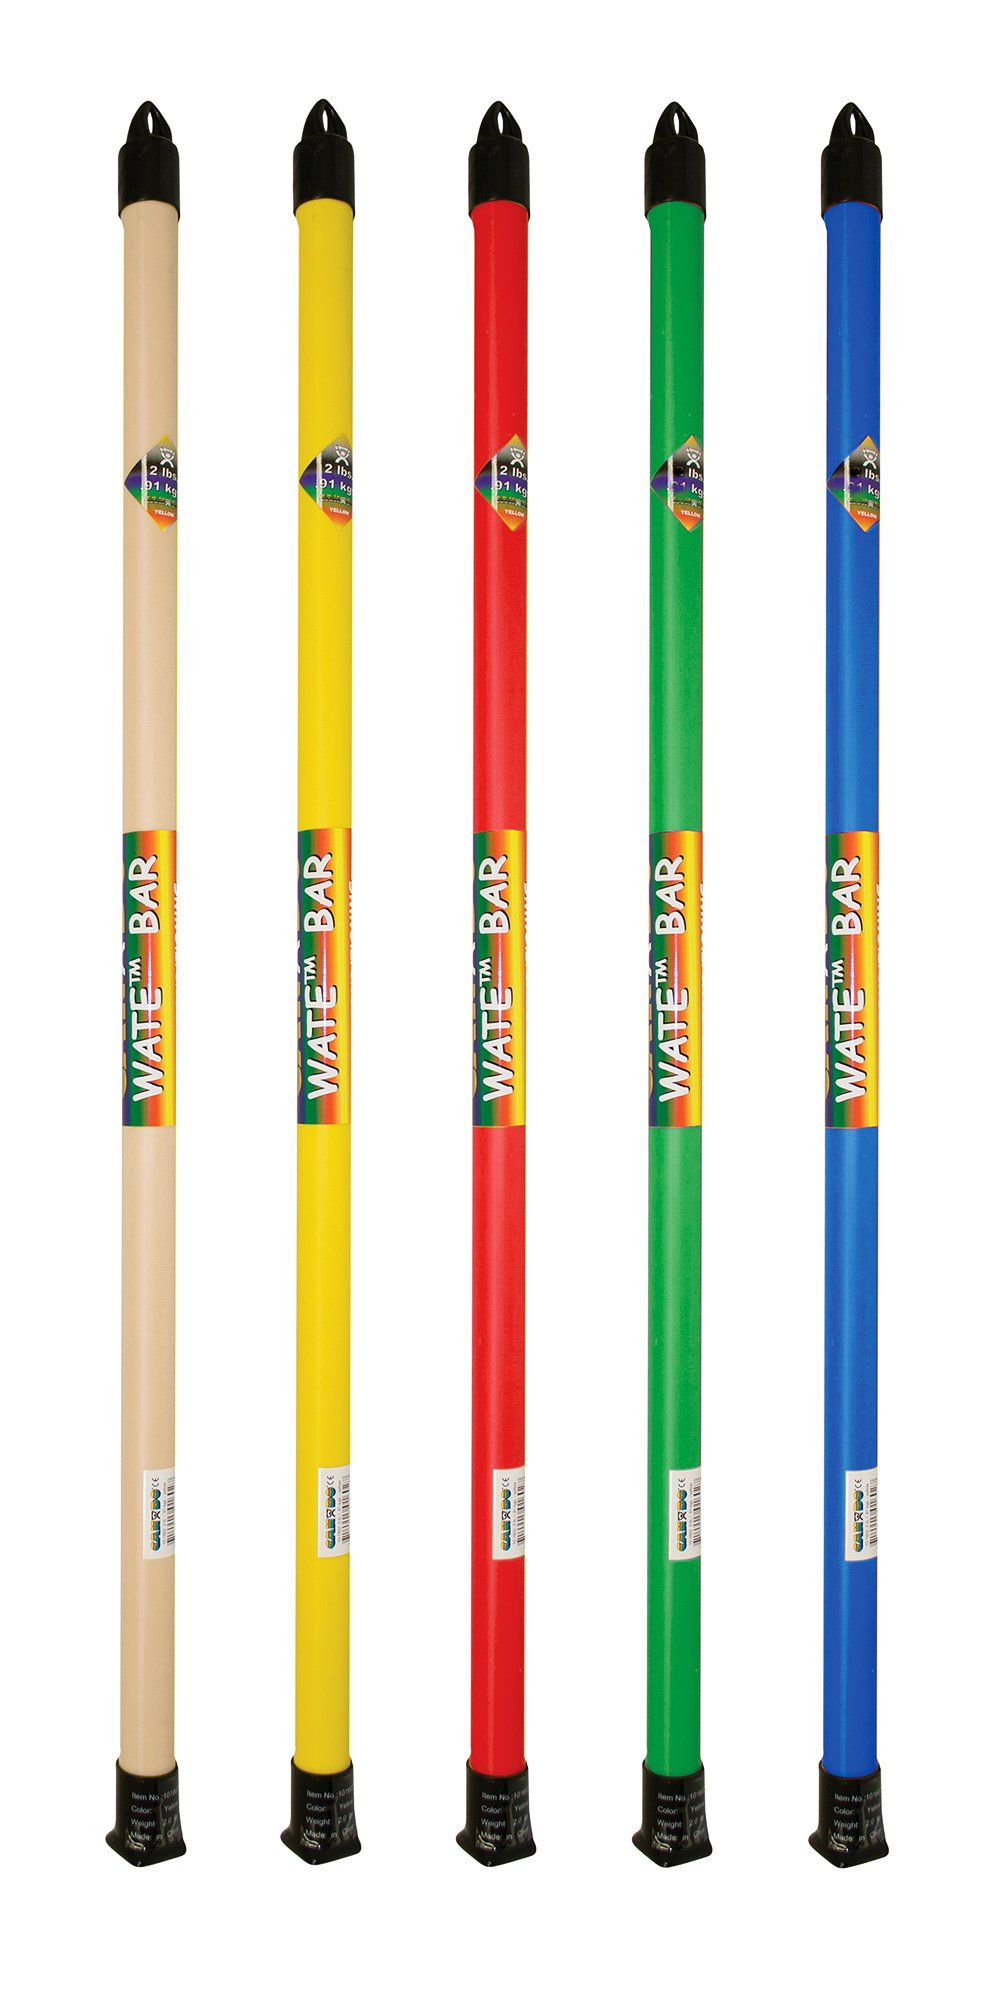 CanDo SLIM WaTE Bar - 5-Piece Bundle - 1, 2, 3, 4, 5 lb